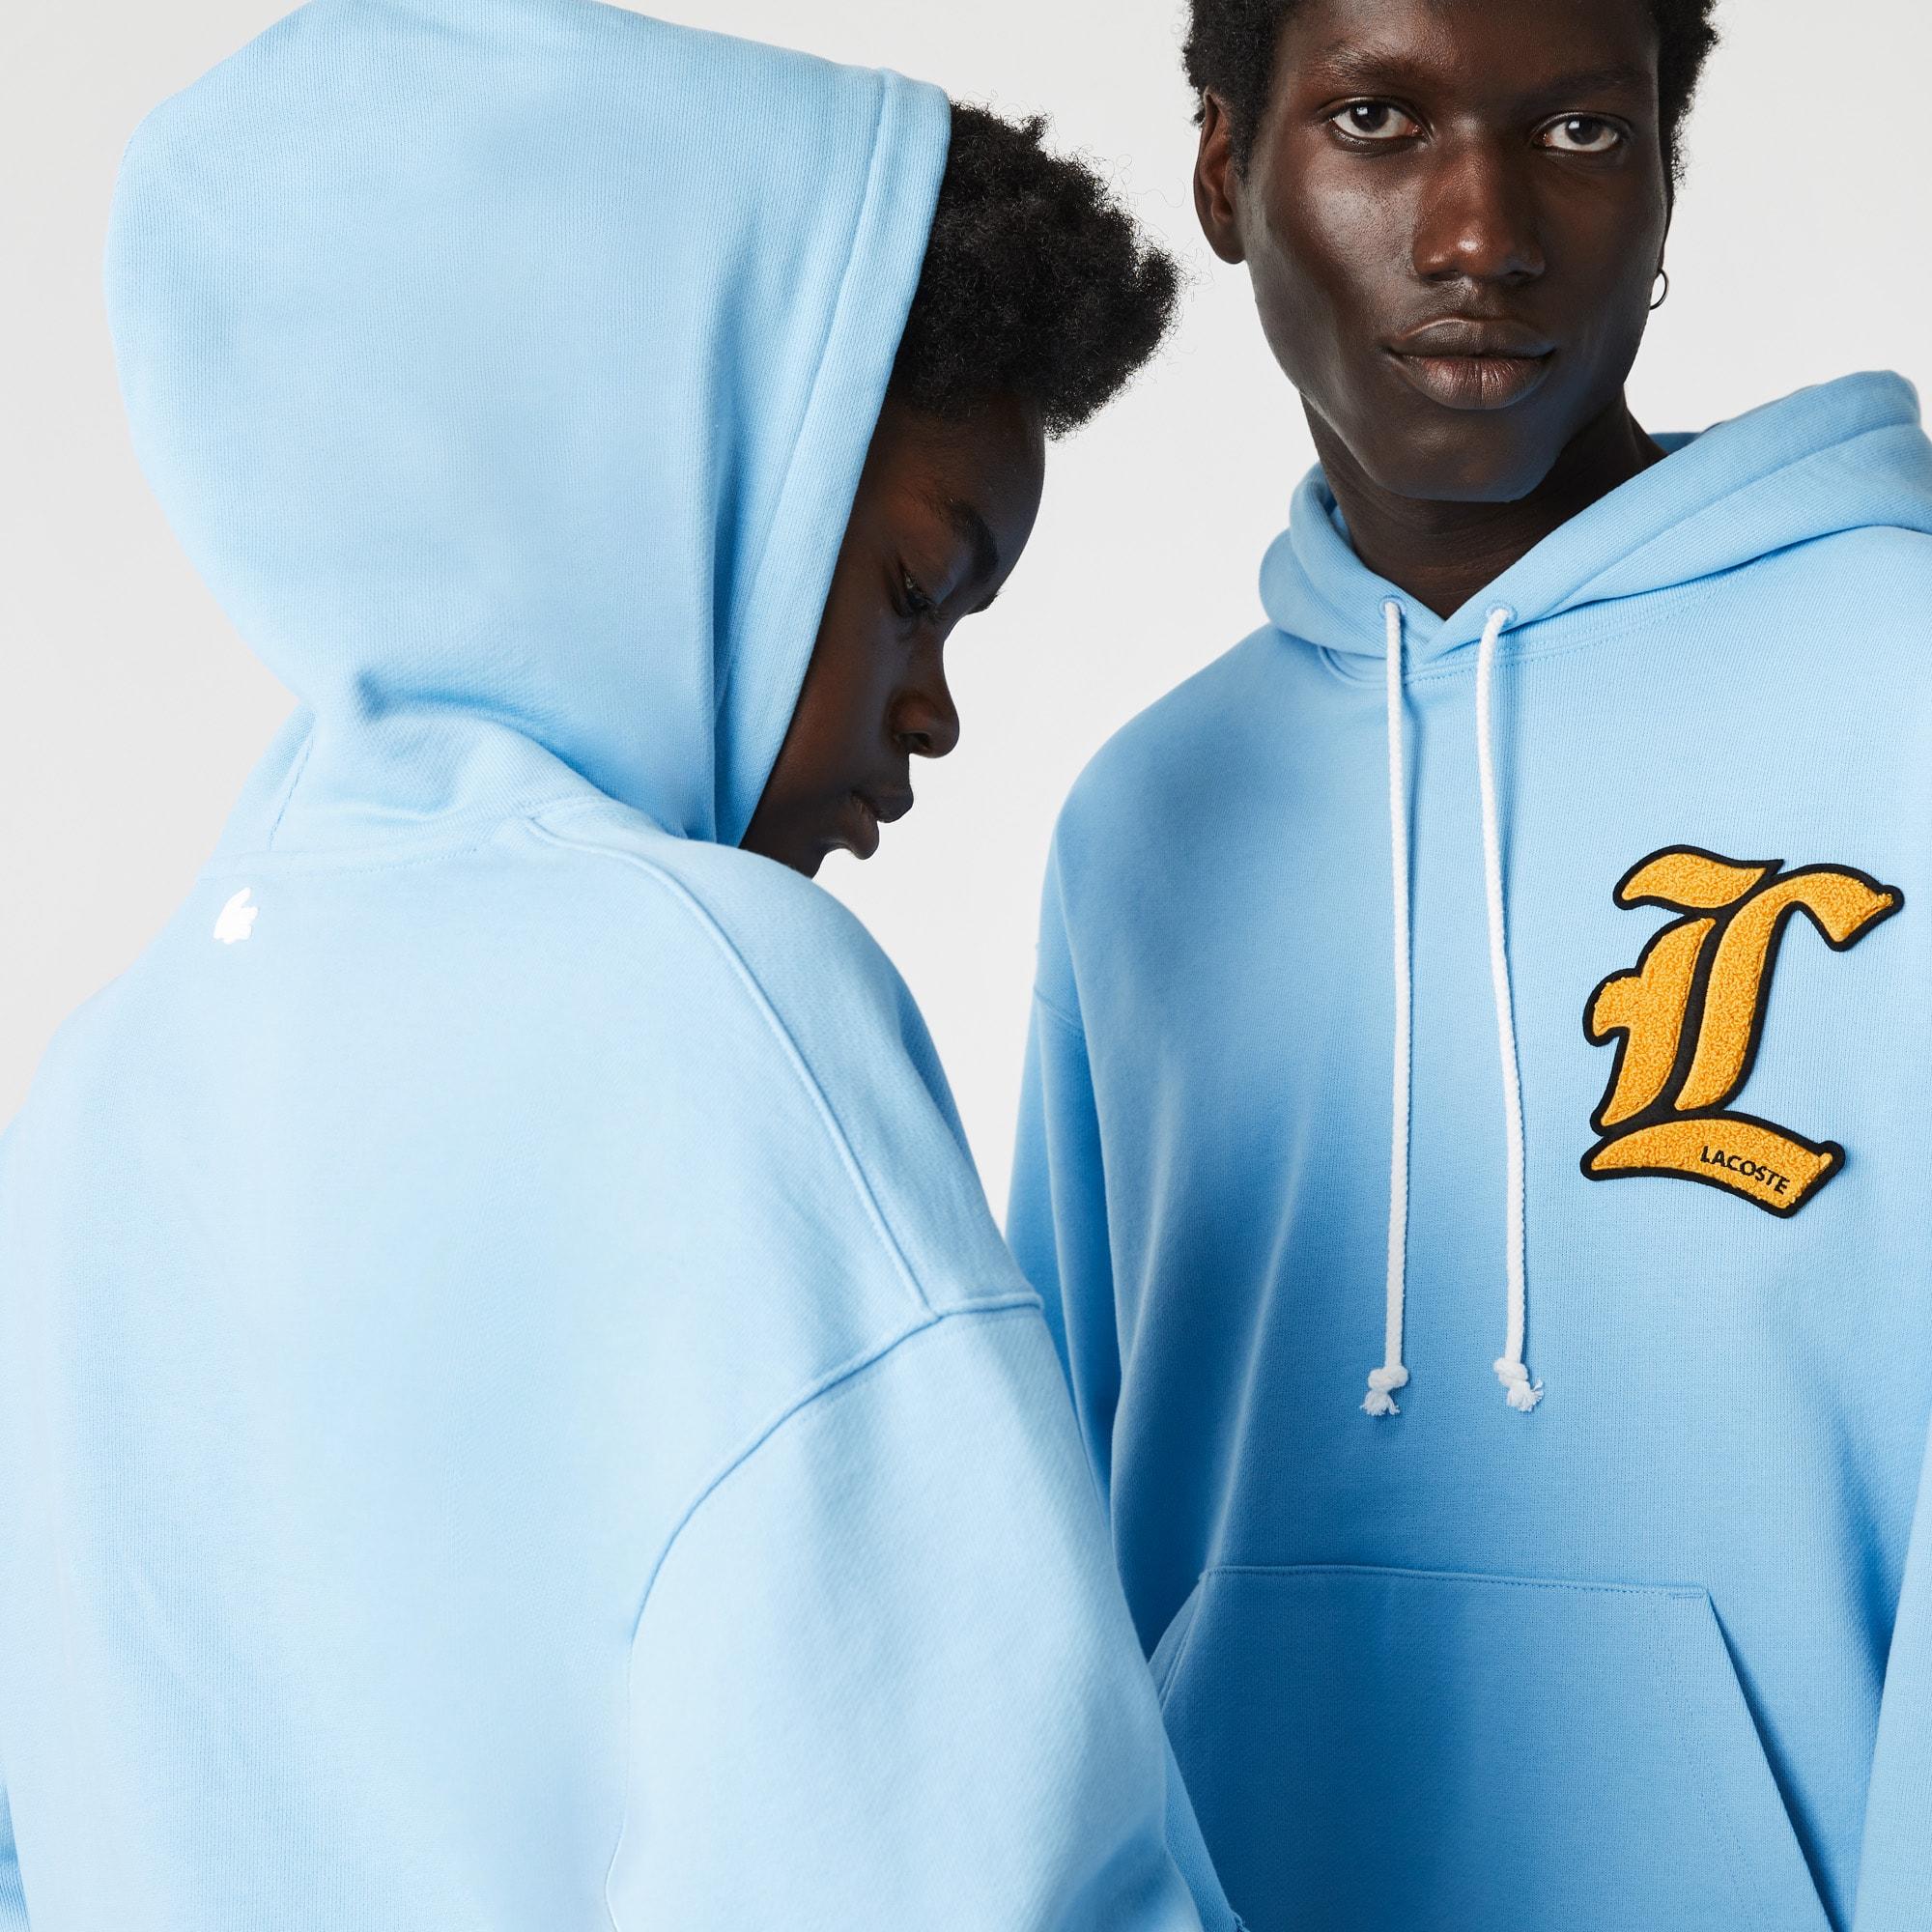 라코스테 라이브 남녀공용 후드티 Lacoste Unisex LIVE L Badge Hooded Loose Fit Sweatshirt